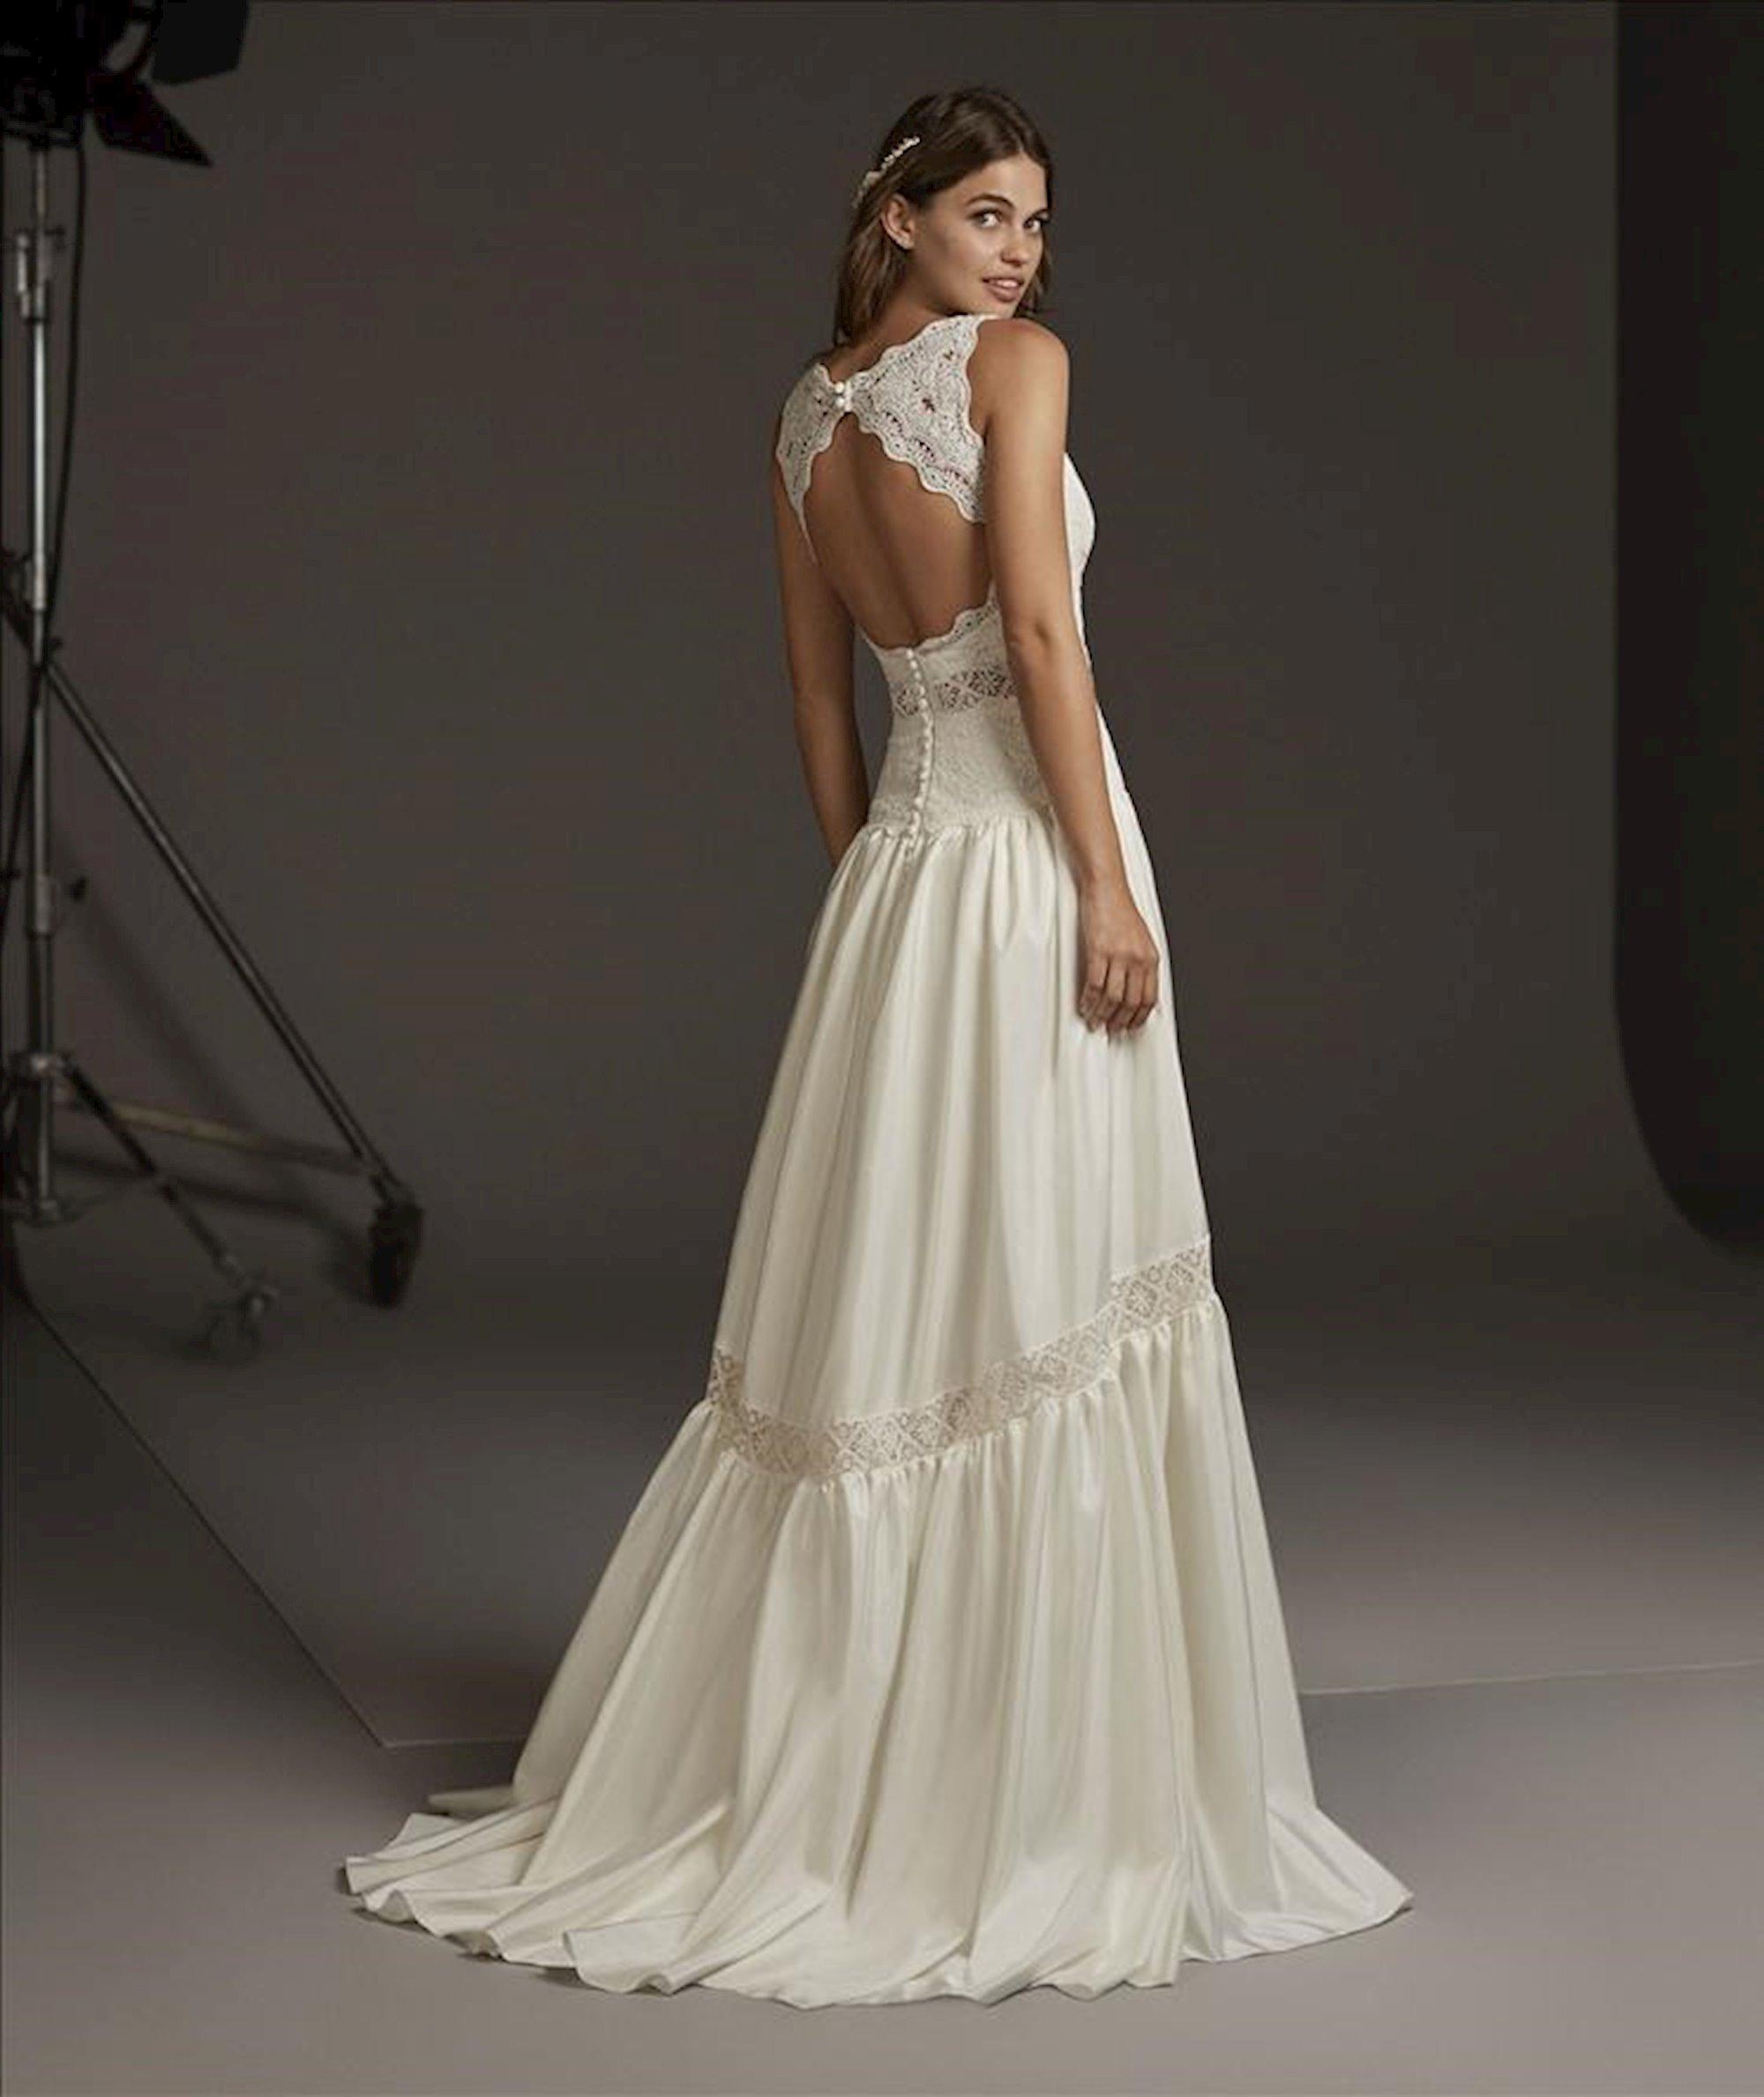 Bridal Boutique Lewisville